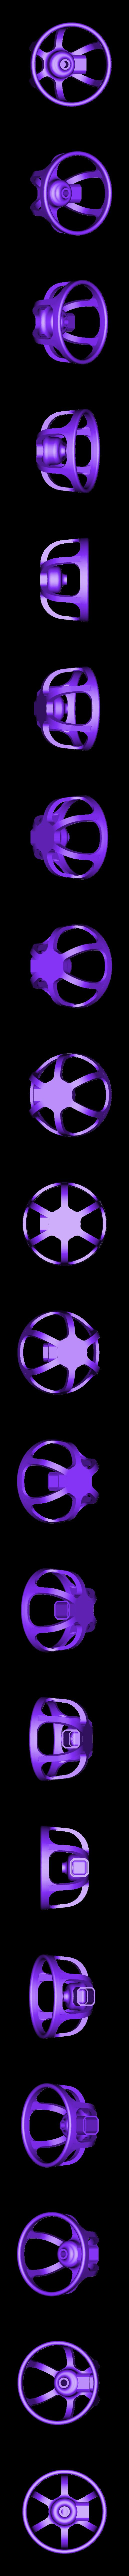 Basket.stl Télécharger fichier STL gratuit Jouet à billes flottant • Modèle pour imprimante 3D, ayfaridi